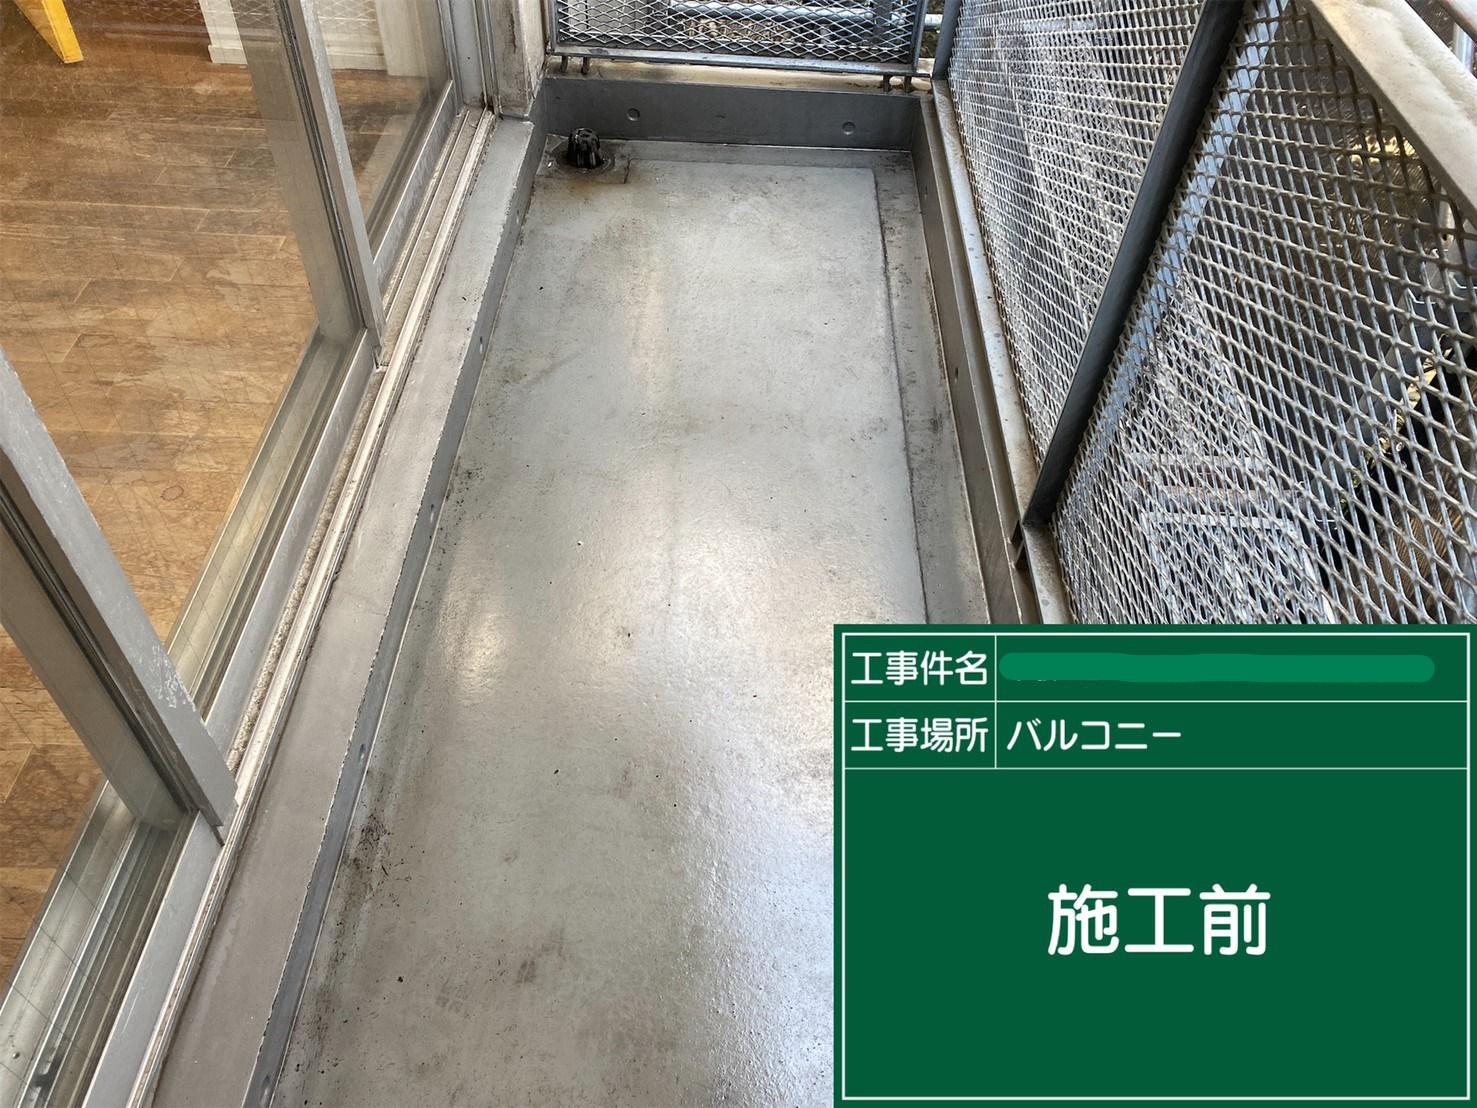 ①【バルコニー】施工前(1)